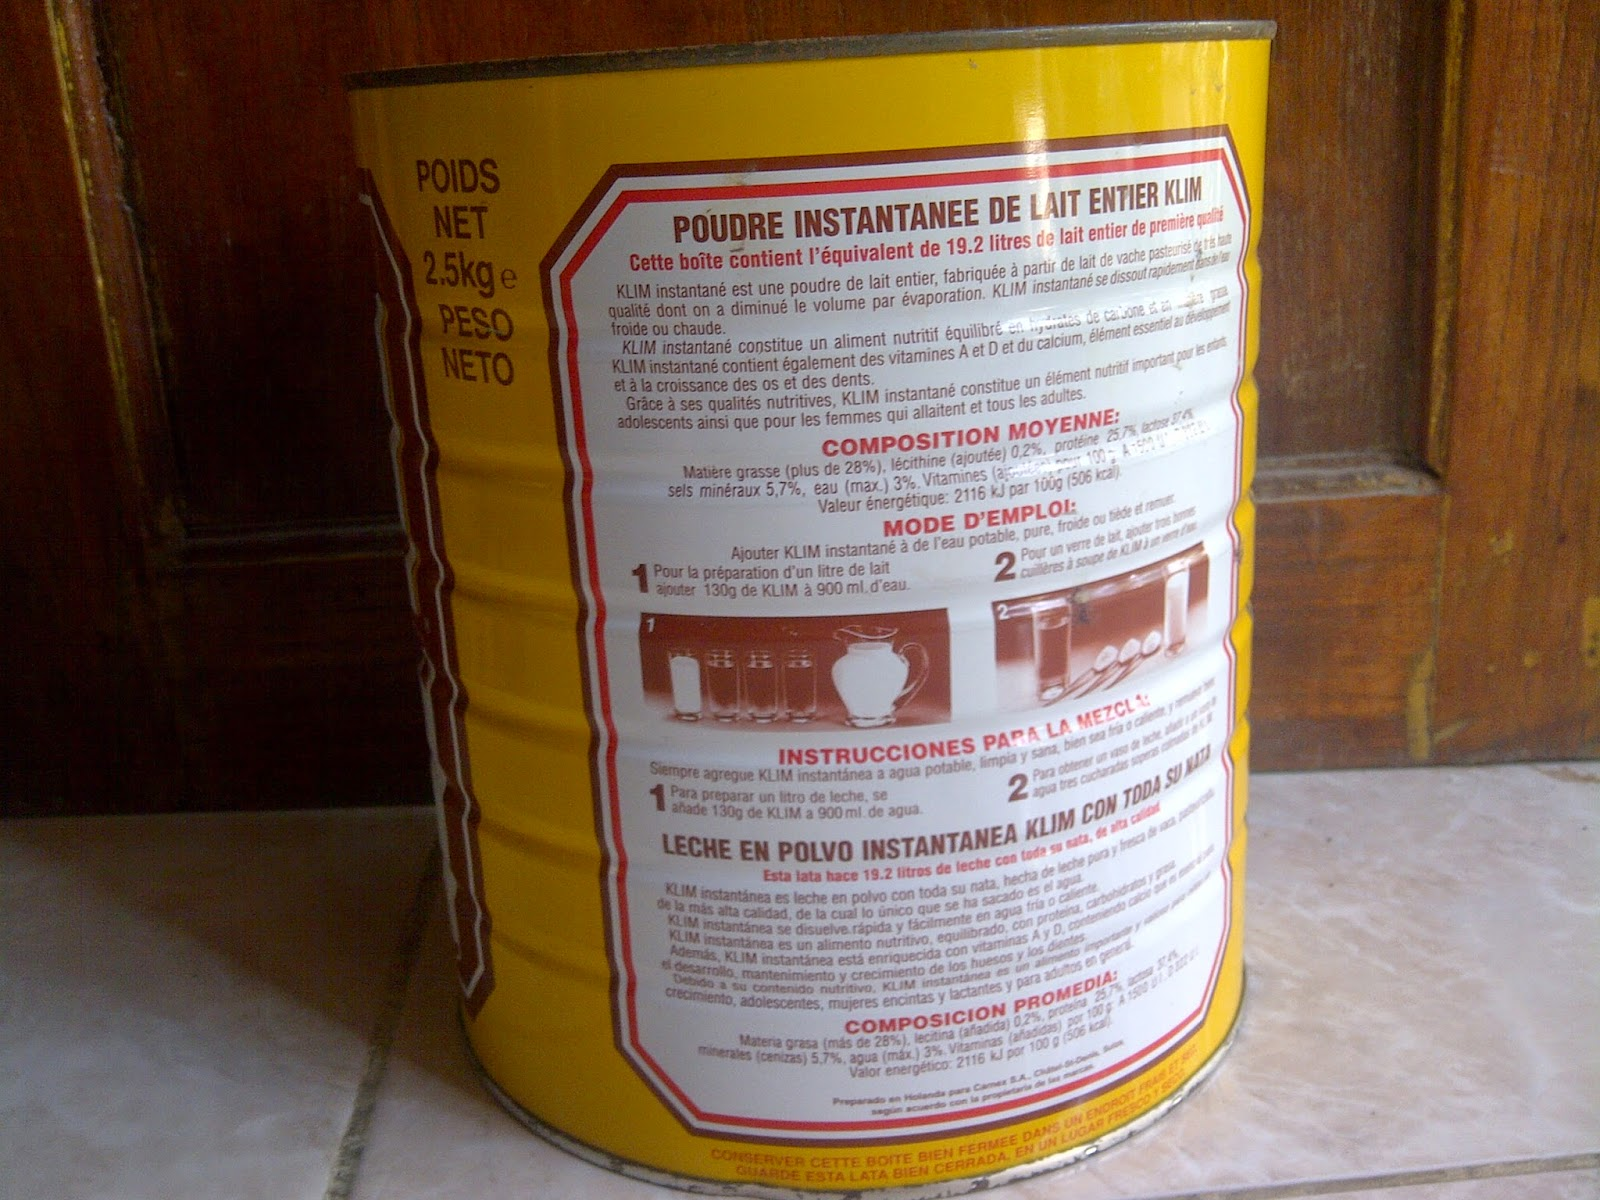 Koleksi Antik Anggoro Solo Kaleng Susu Klim Lux 5 20pr Wallpaper Sticker Dinding Harga Rp150000